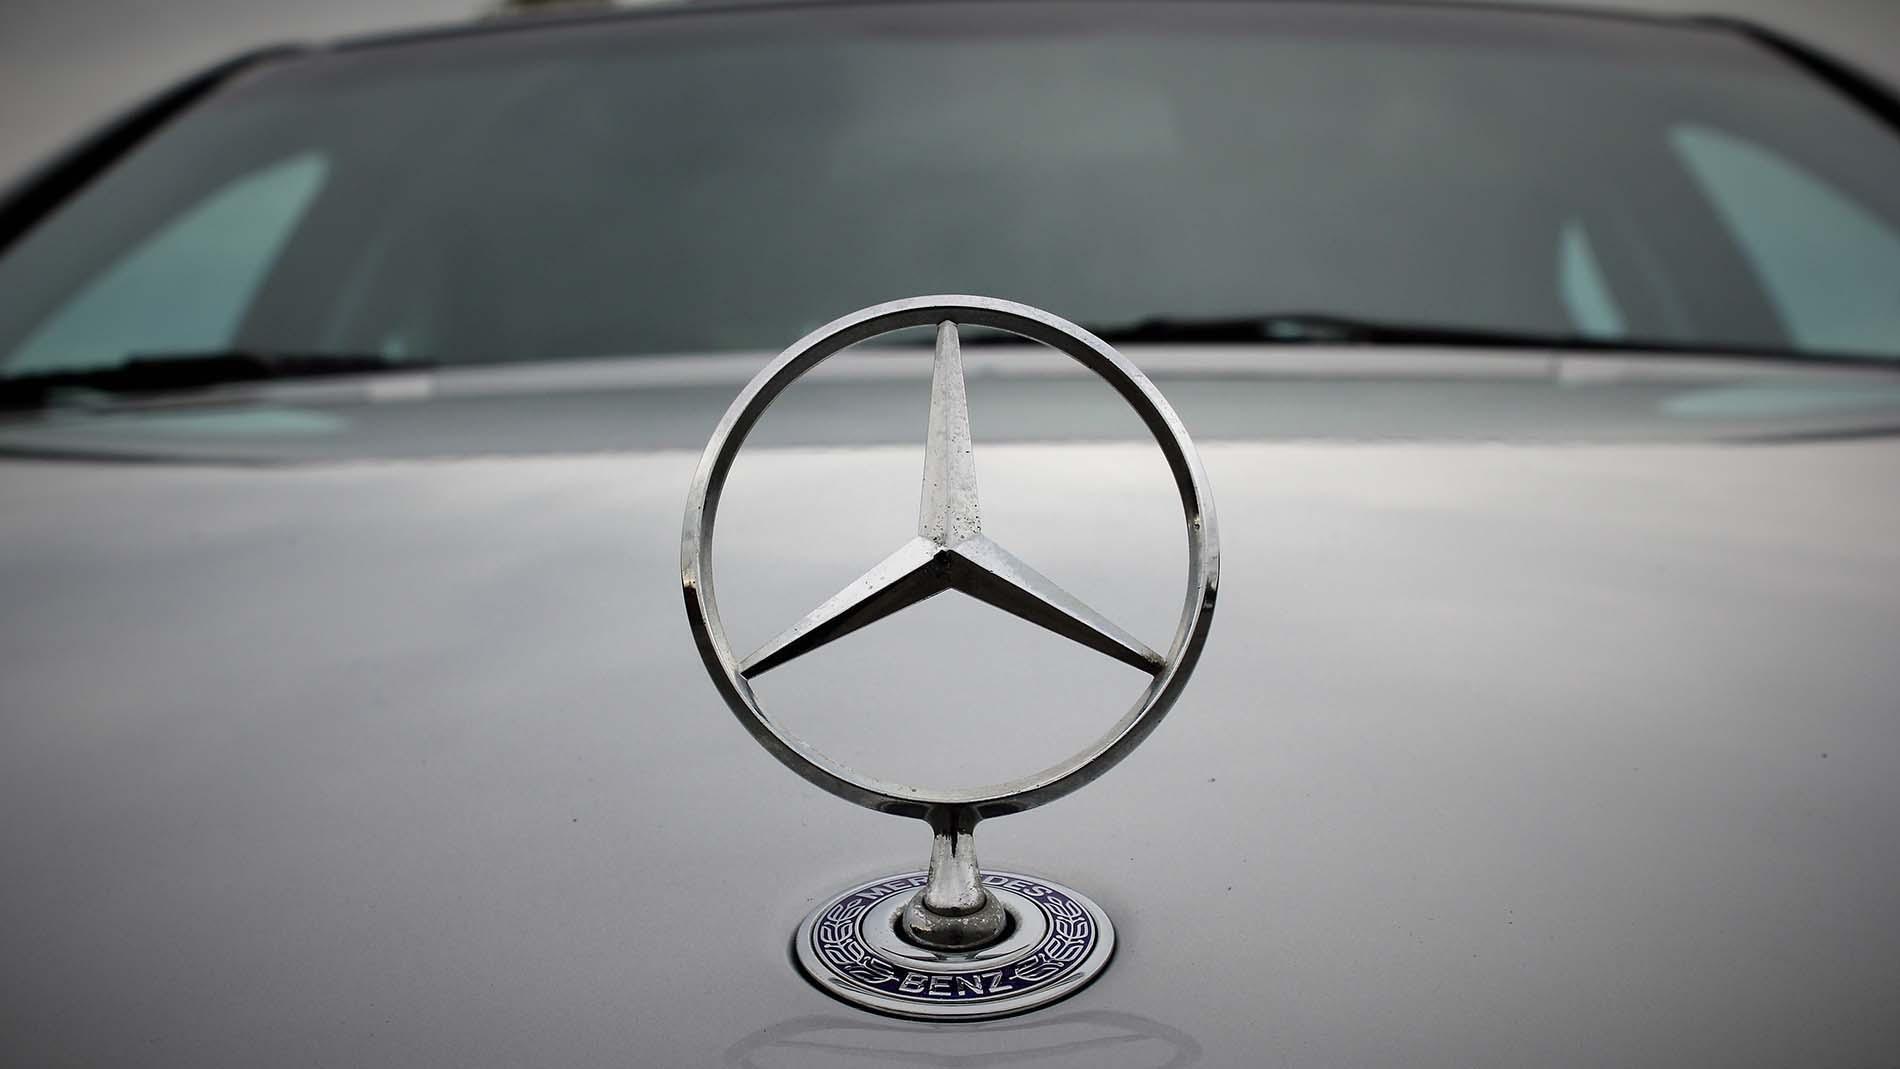 2003 Mercedes Benz C32 AMG Motor Werke Kelowna